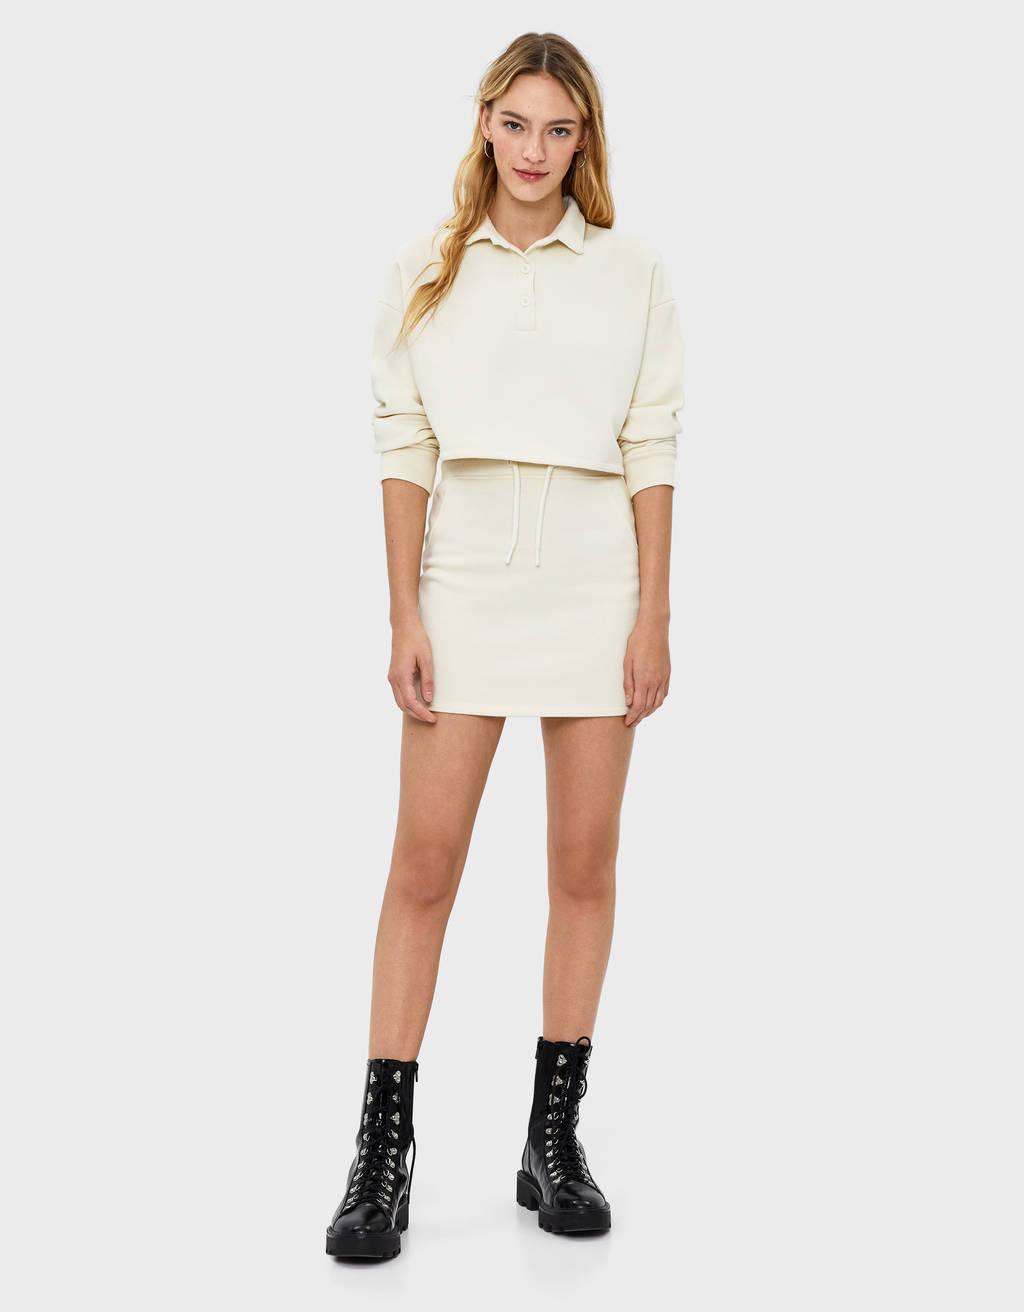 Plush short skirt